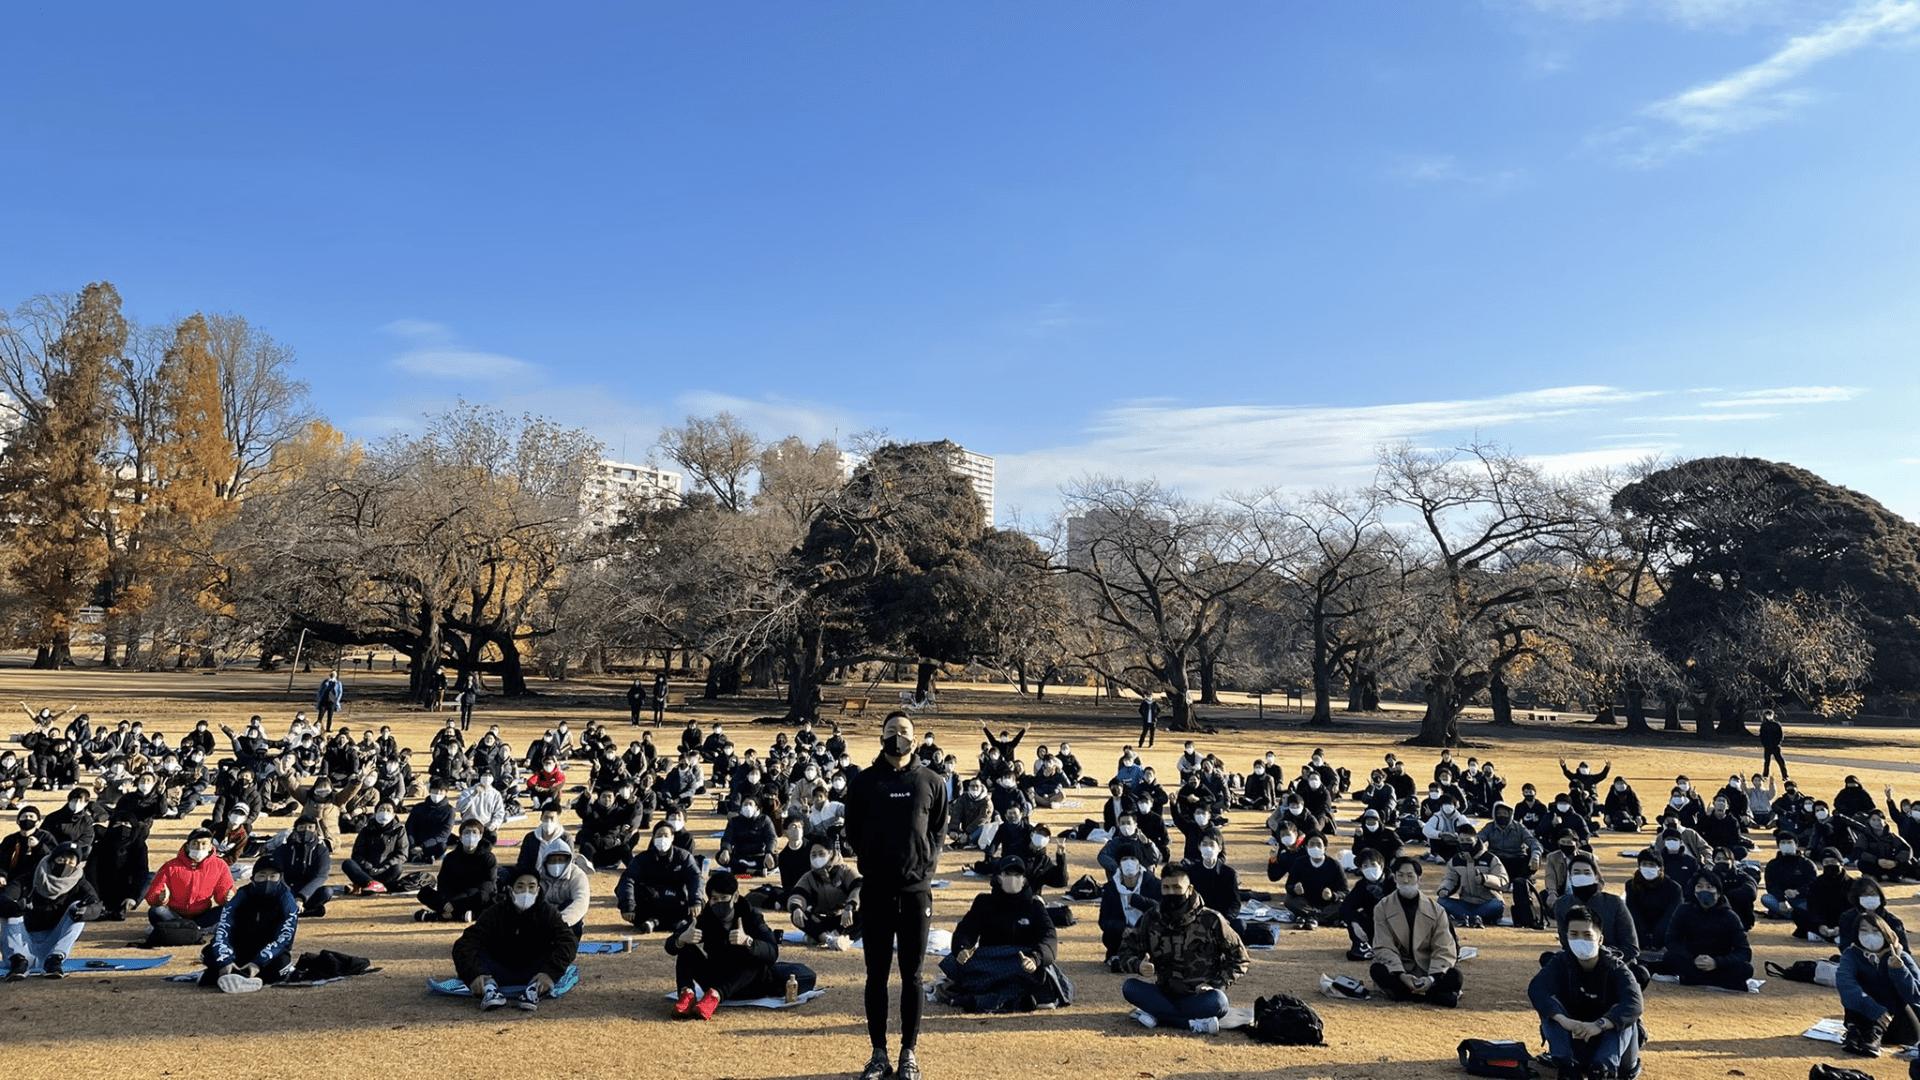 【朝活最高!】朝渋イベント(AKIOさん講演)で得た学びを5分で紹介!